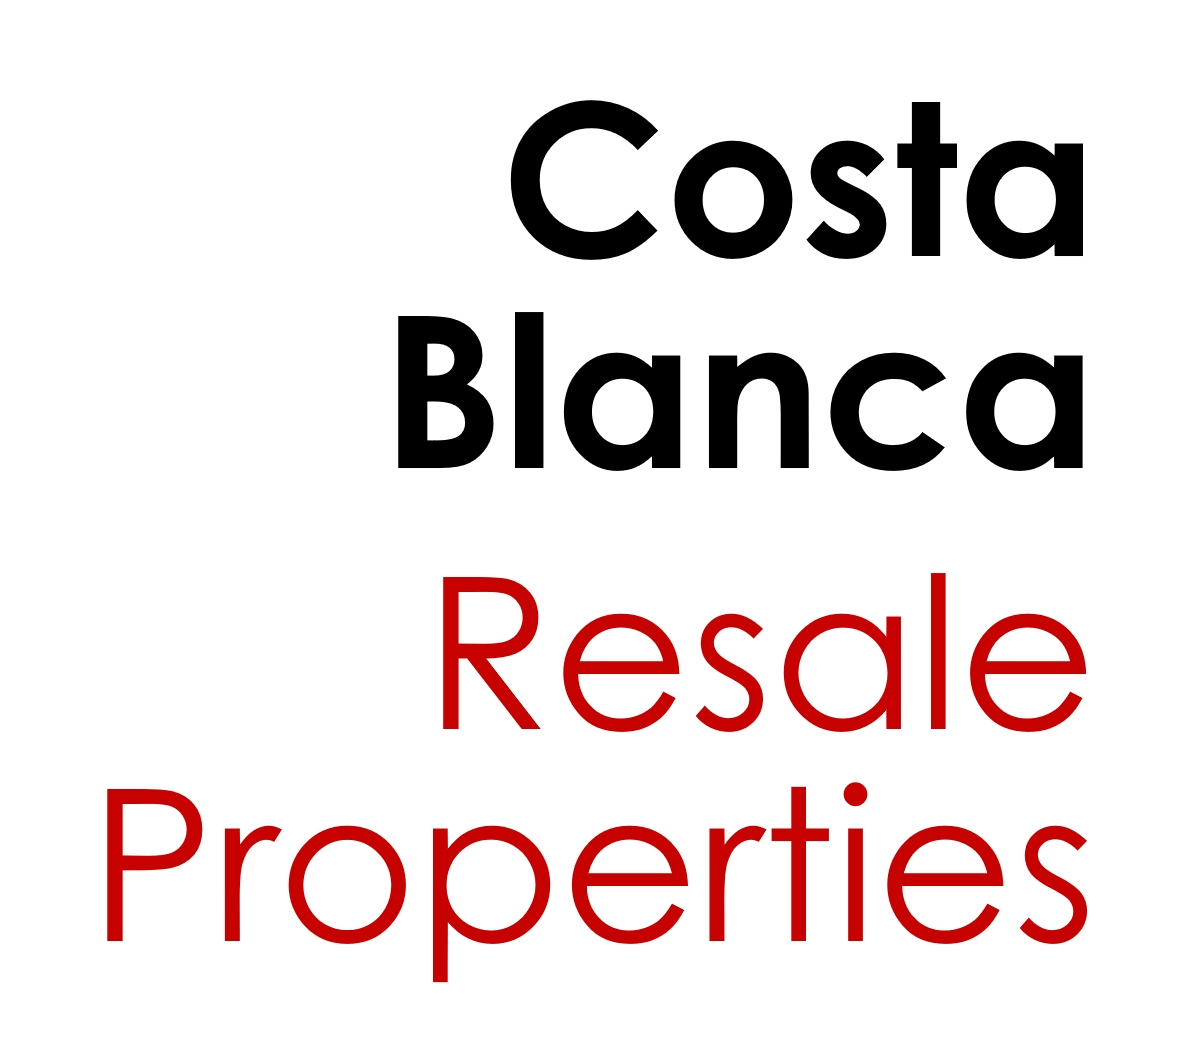 Costa Blanca Resale Properties